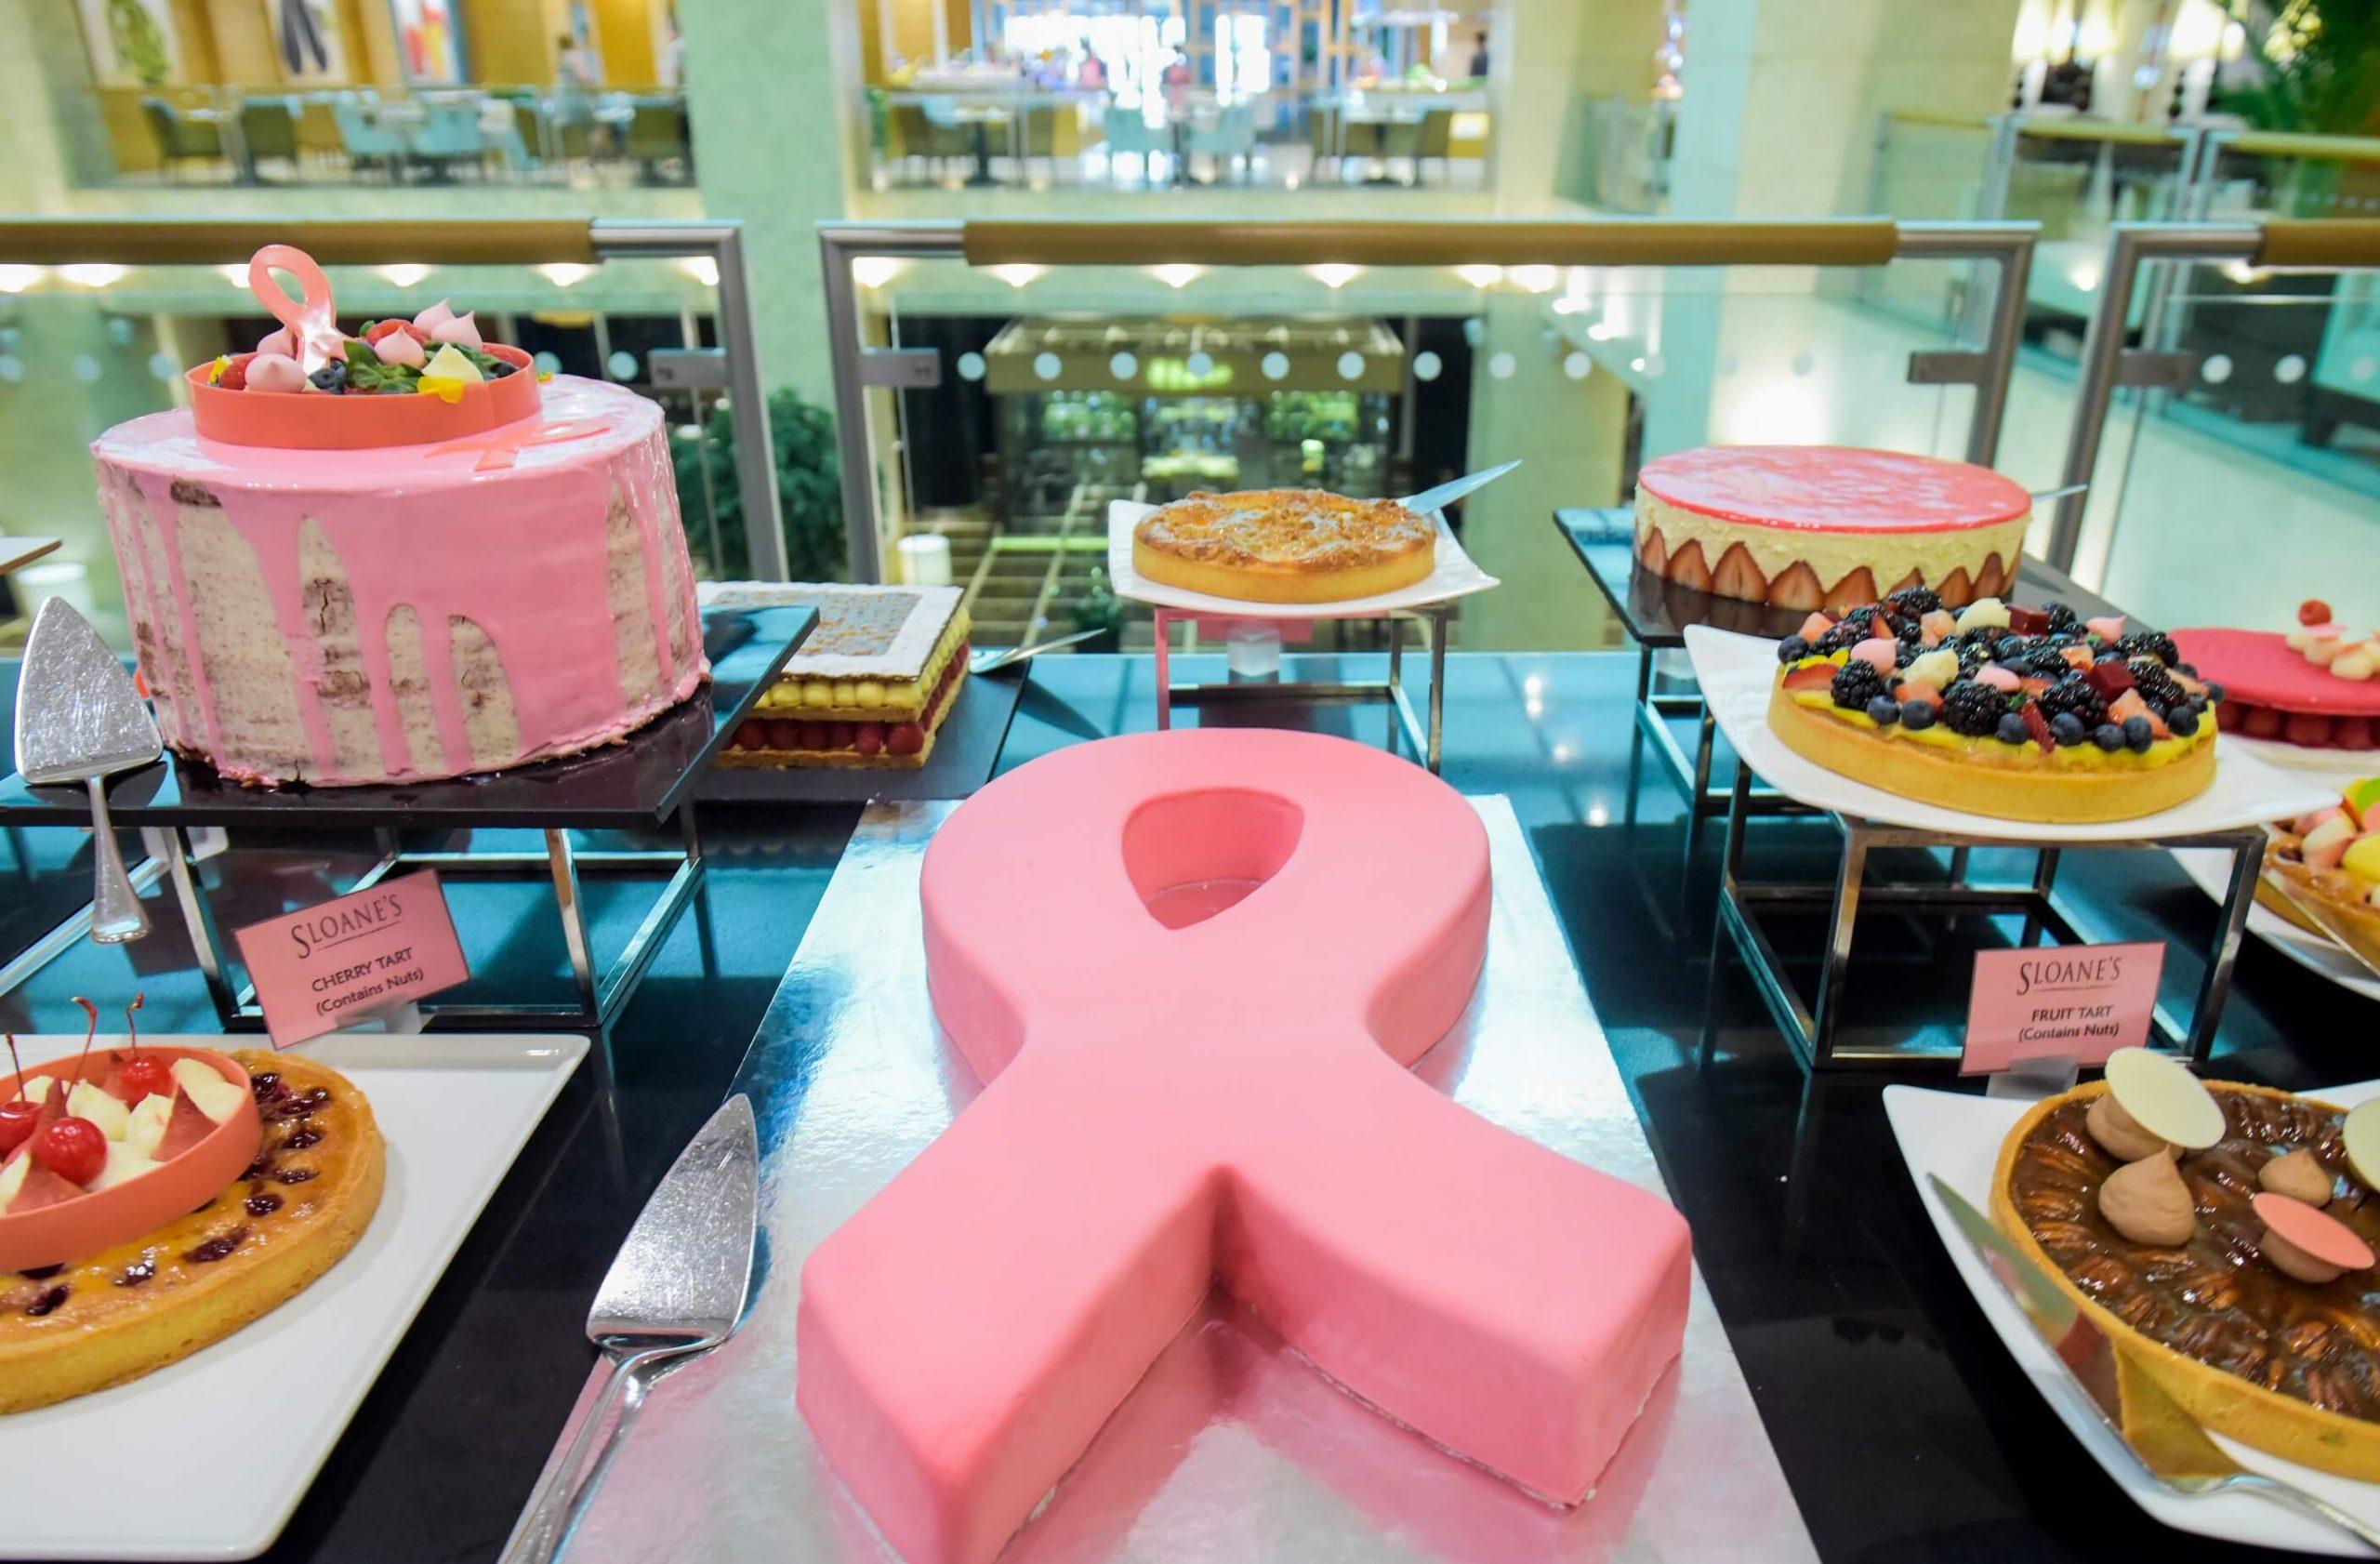 فنادق ماريوت الدولية تشارك في حملة أكتوبر الوردي لدعم مؤسسة الجليلة